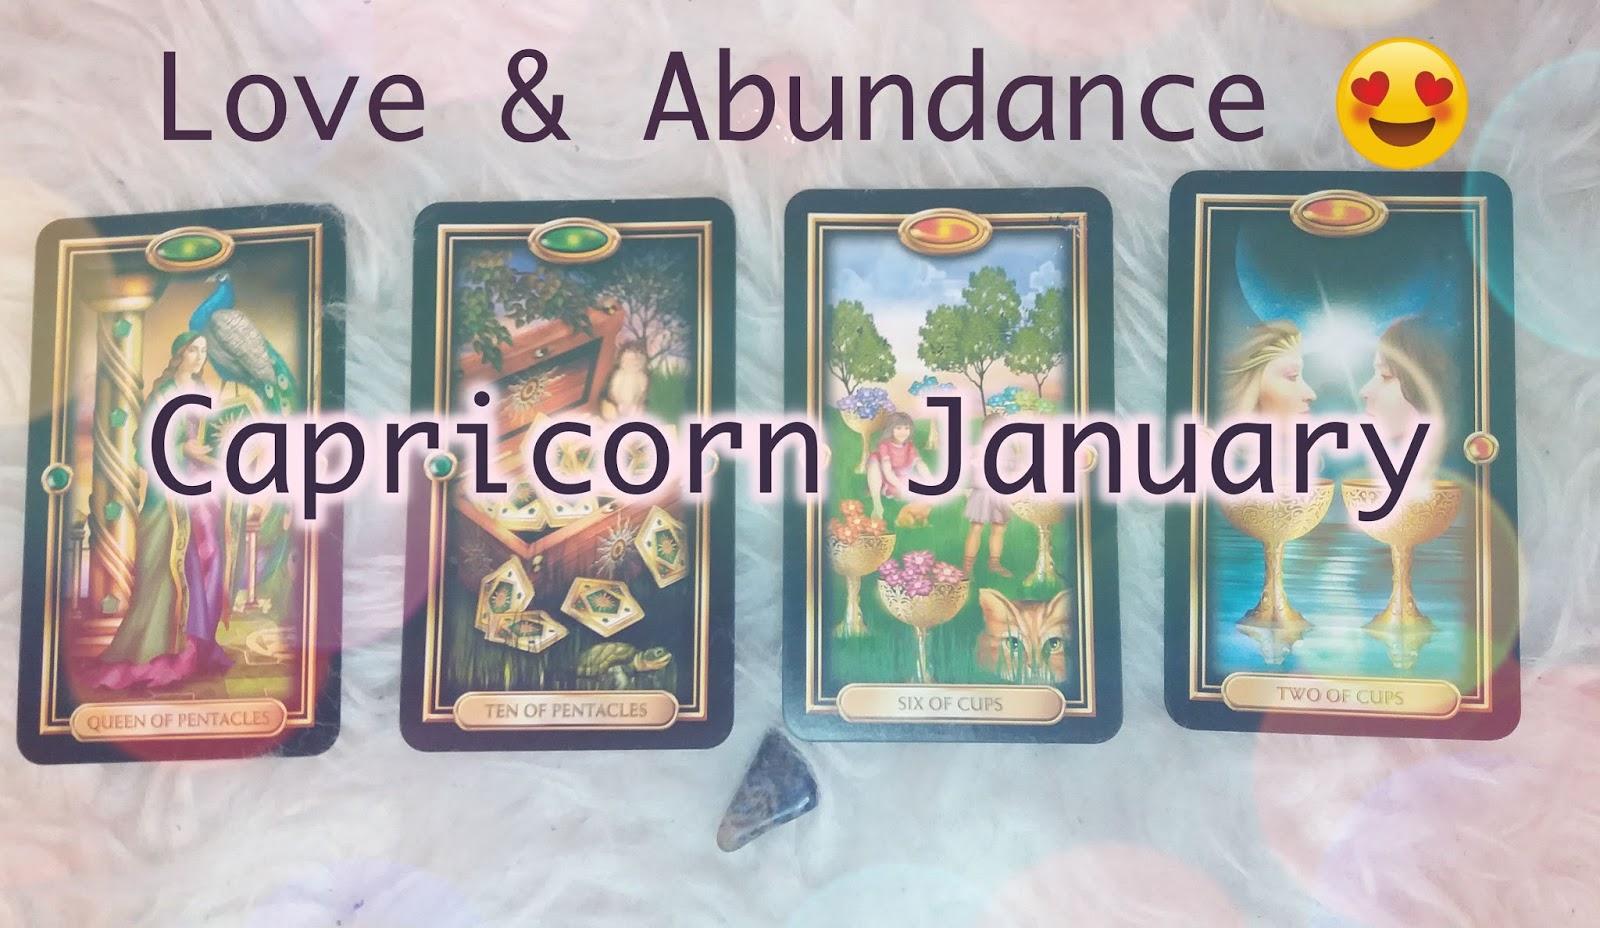 Capricorn January 2018 Love Tarot Reading! — Onar Tarot